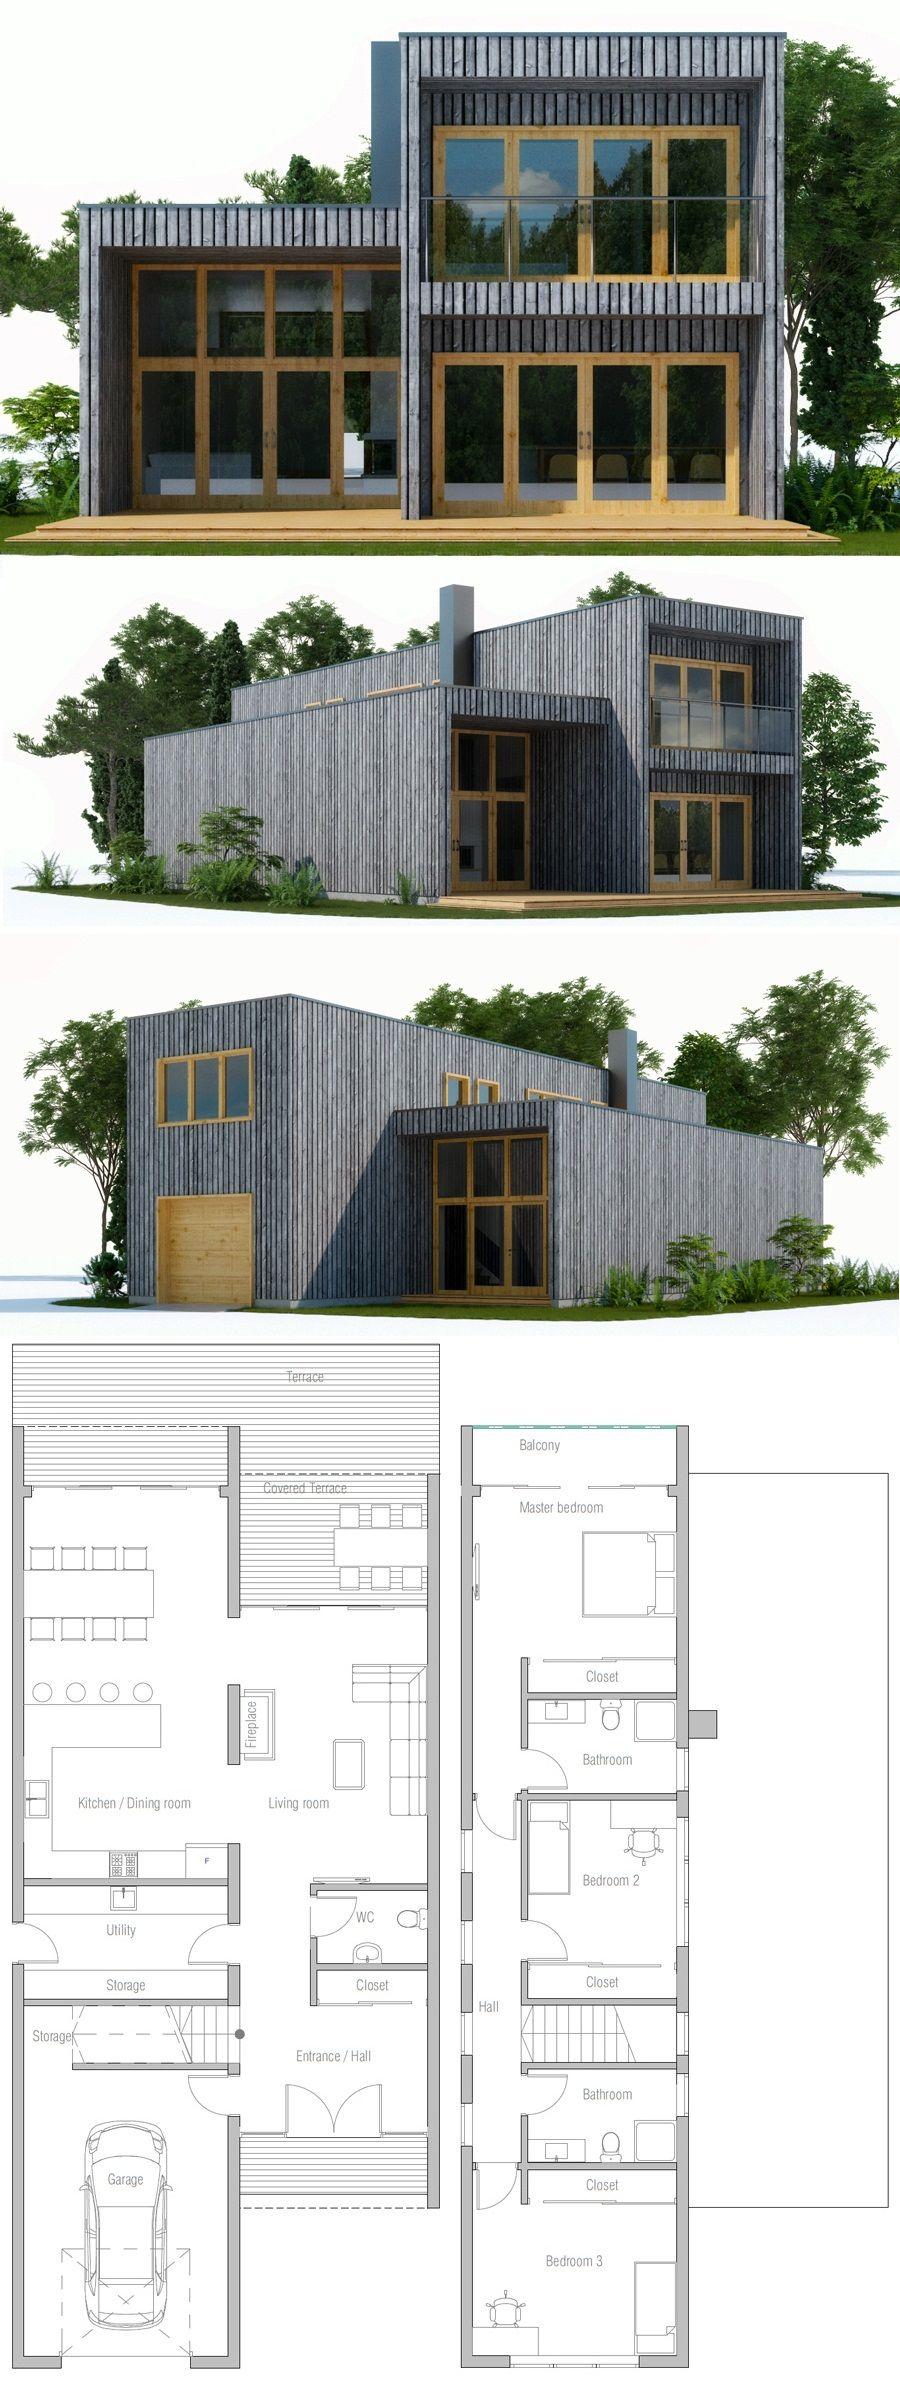 Hausplan | zukünftiges Haus | Pinterest | Grundrisse, Architektur ...